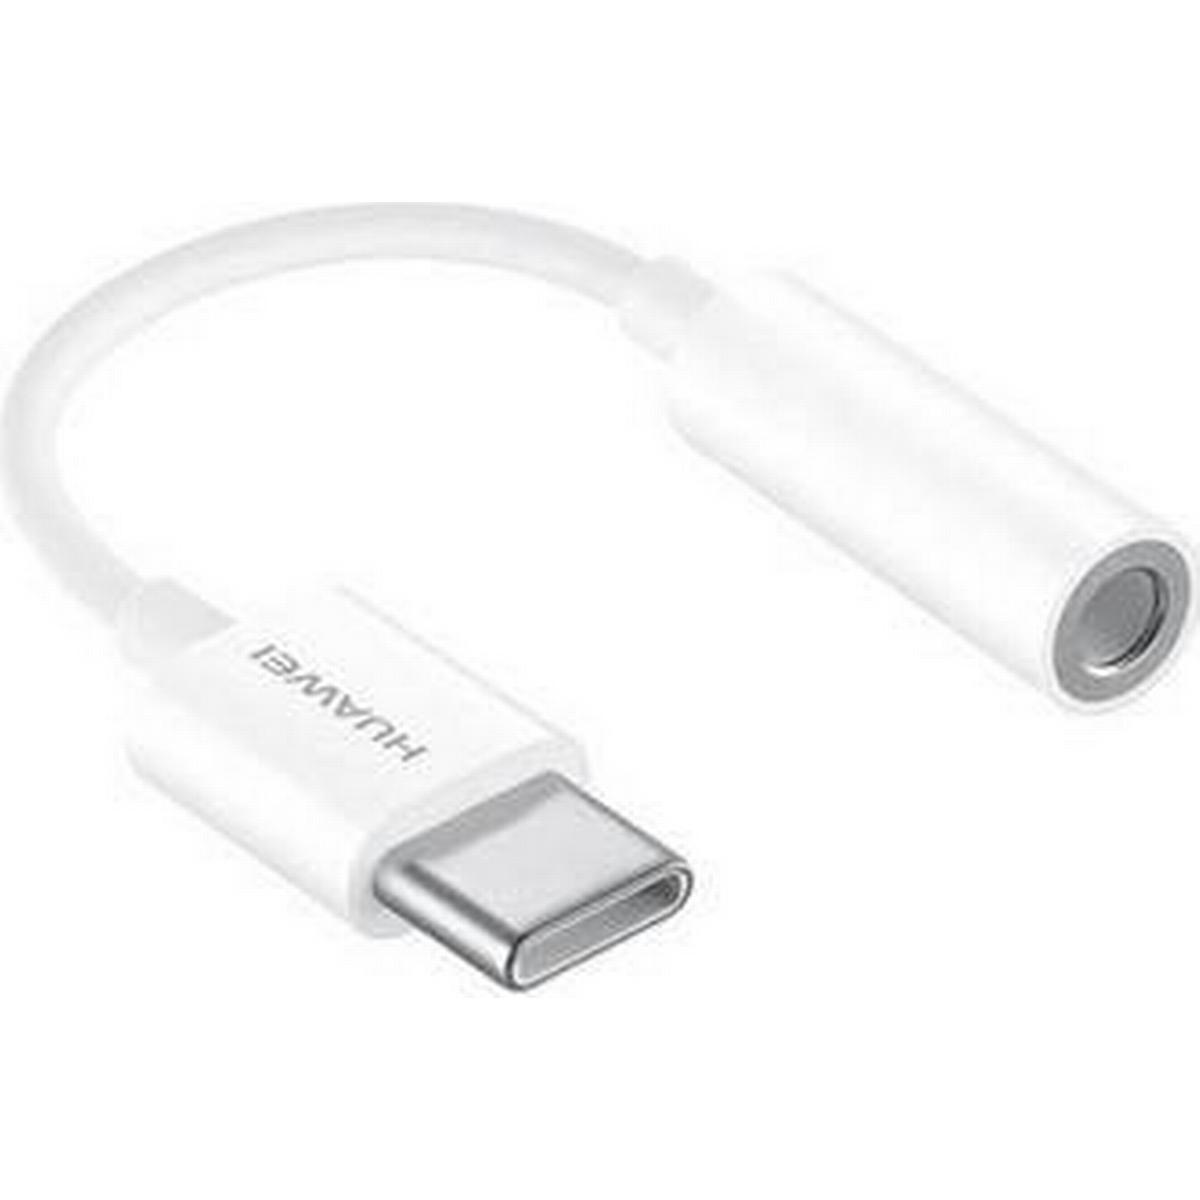 Belkin billaddare, USB kabel, Galaxy S, 1A, 0,9m, svart